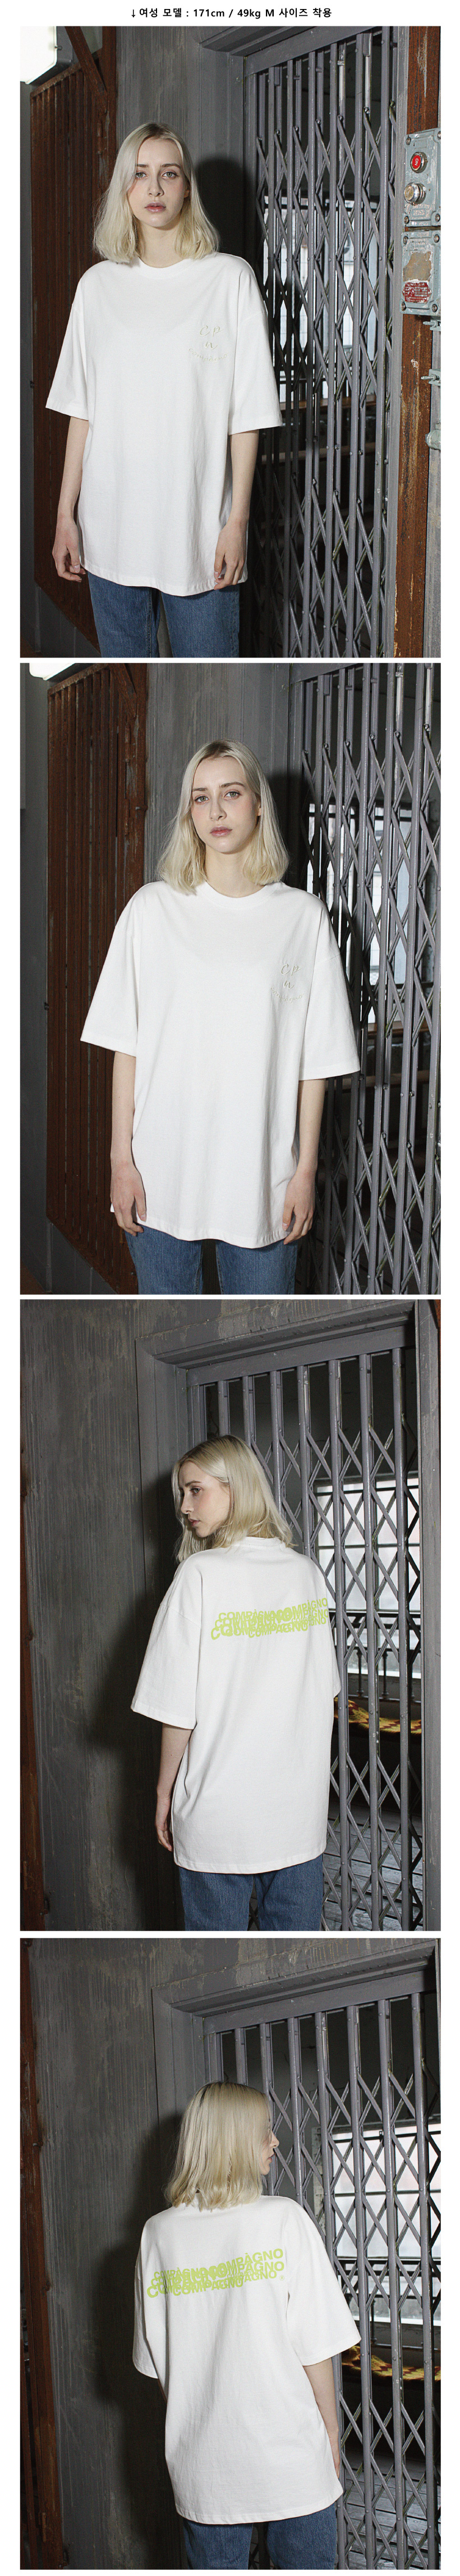 꼼파뇨(COMPAGNO) [20수] 헤비 오버핏 CPN 자수 로고 티셔츠 화이트